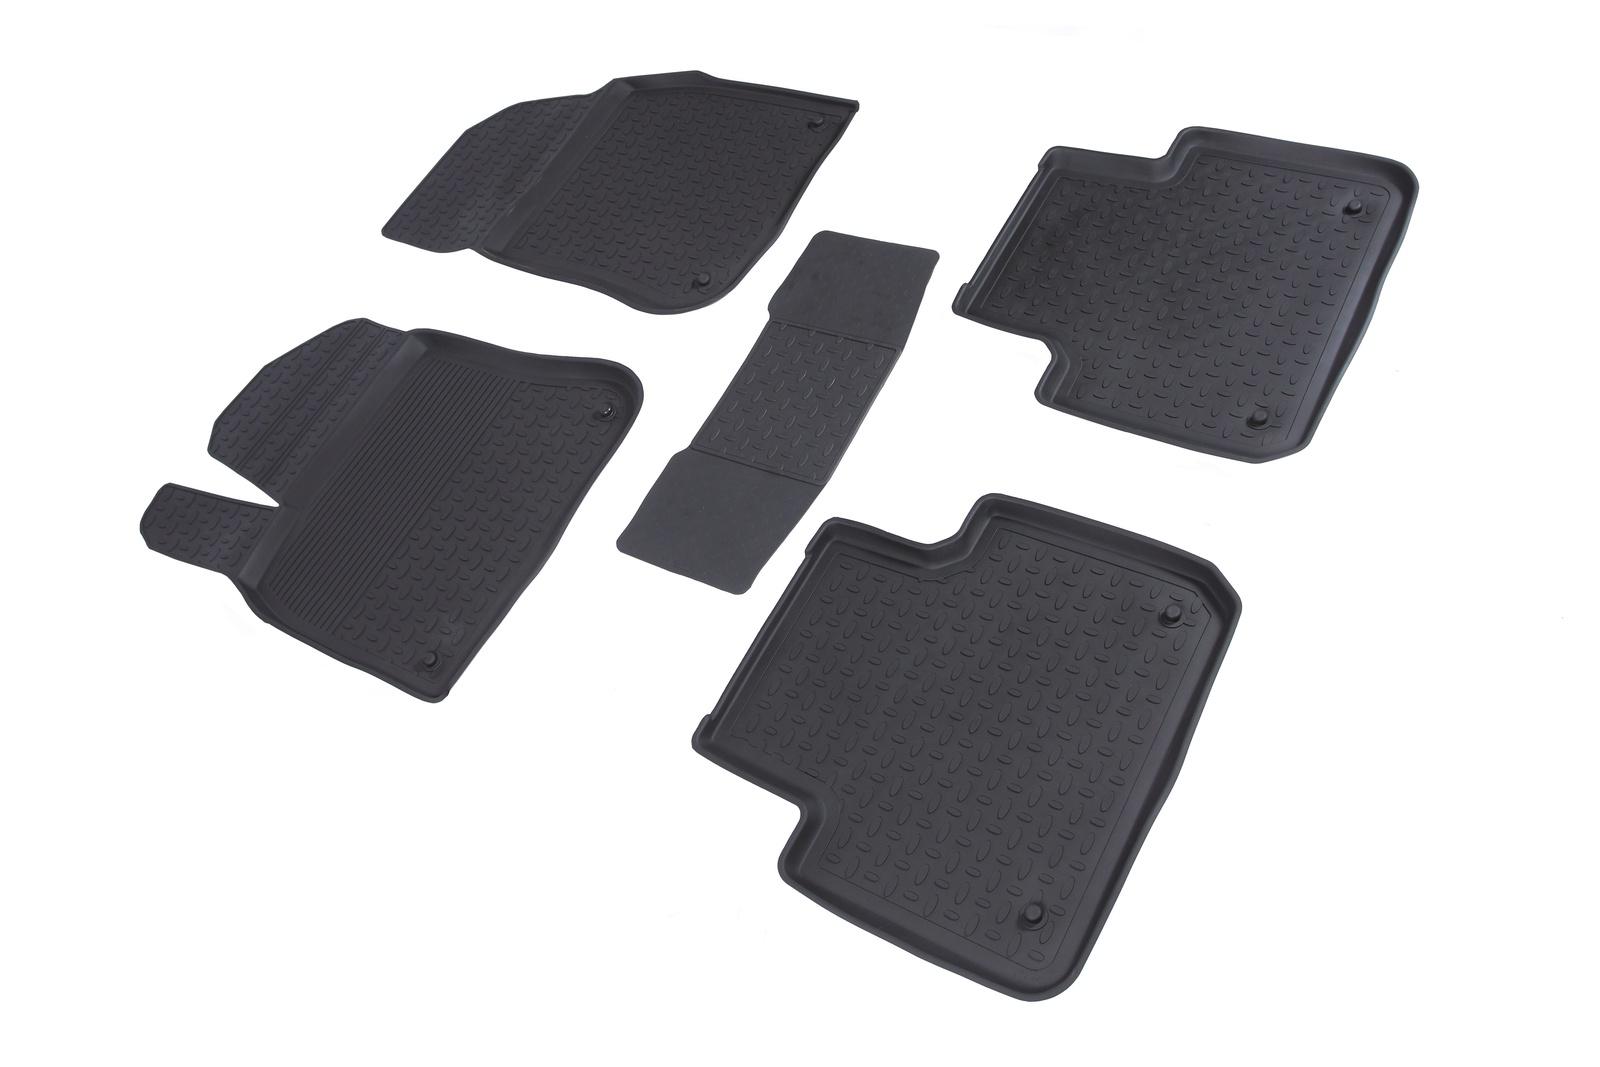 цена на Коврики в салон автомобиля Seintex Резиновые коврики с высоким бортом для Ford Focus III 2011-2015